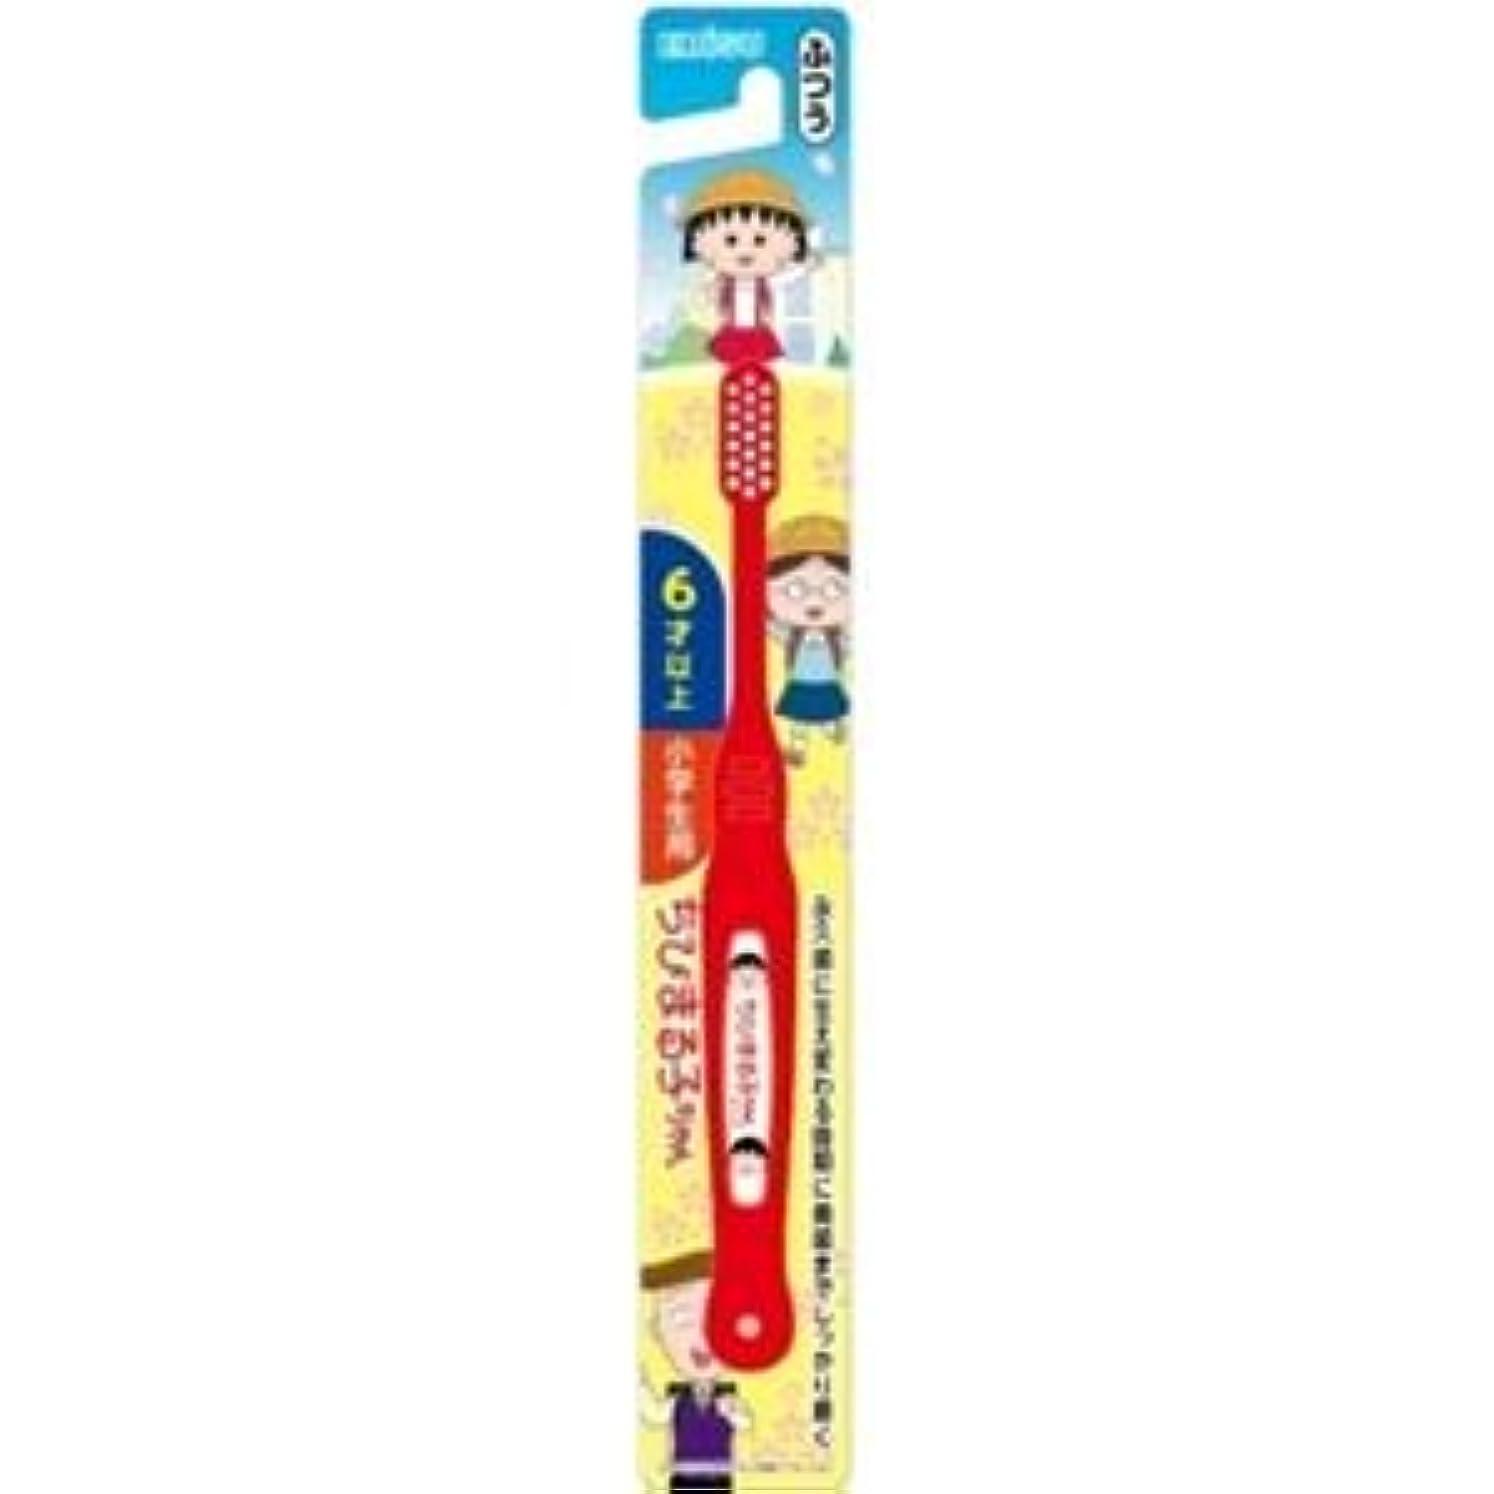 浸漬教師の日サーキットに行く(まとめ)エビス子供 ちびまる子ちゃん 6才以上 【×12点セット】